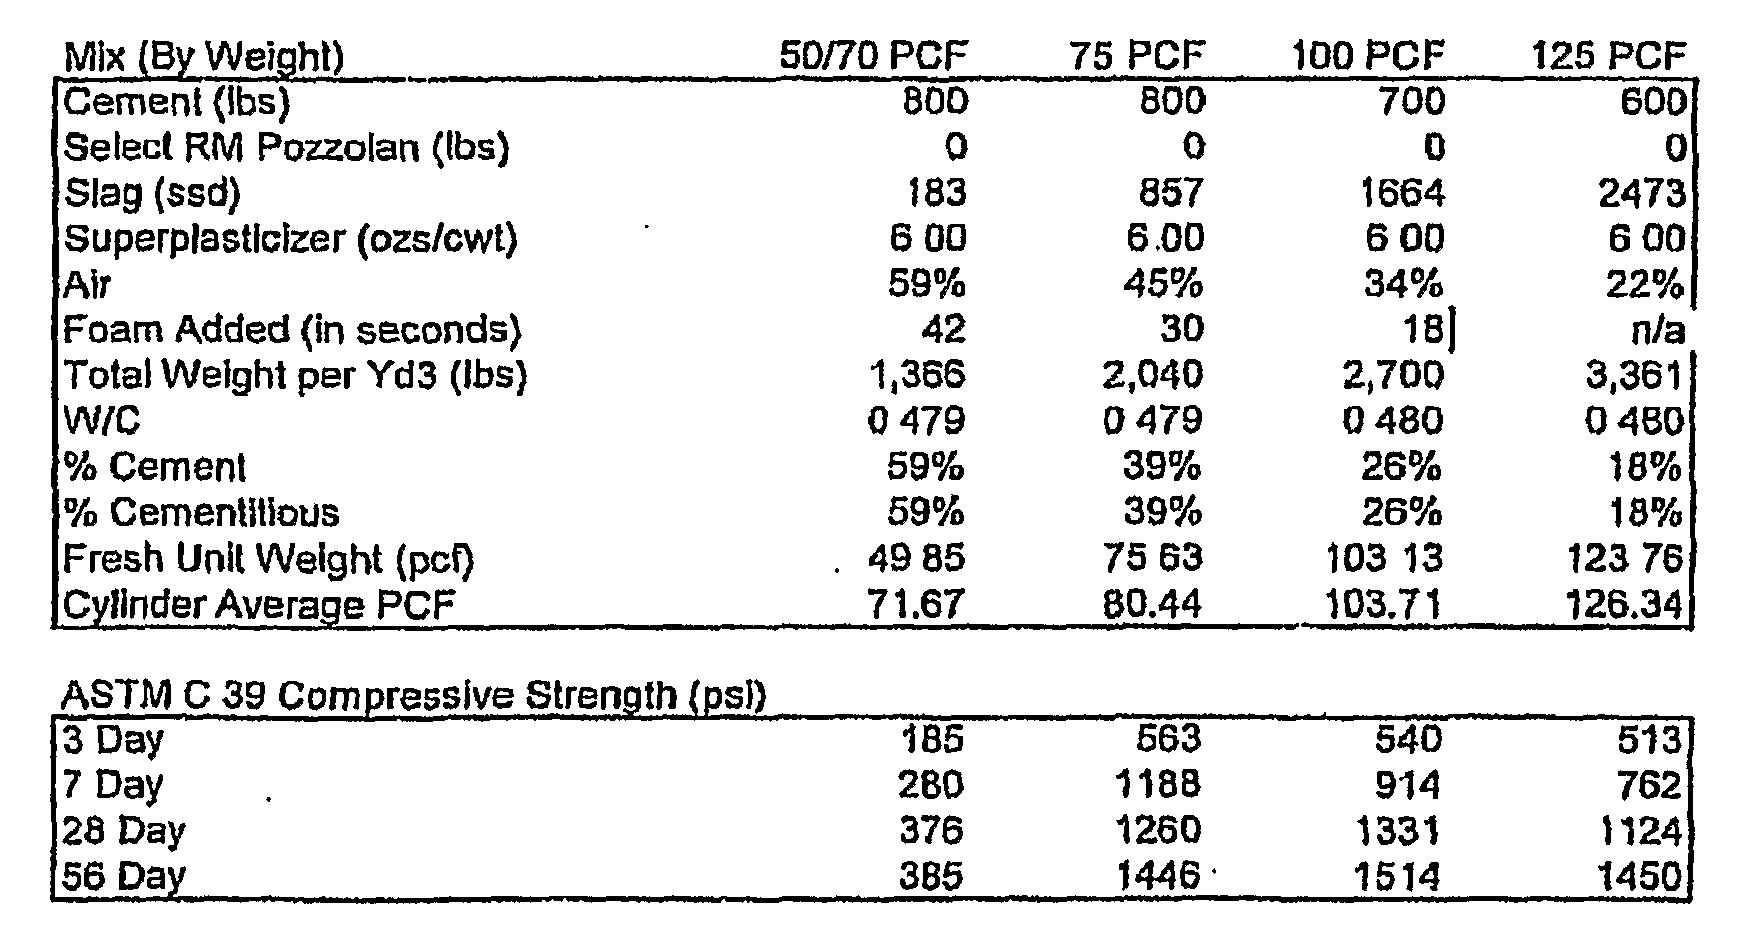 Patente Wo2008013694a2 Slag Concrete Manufactured